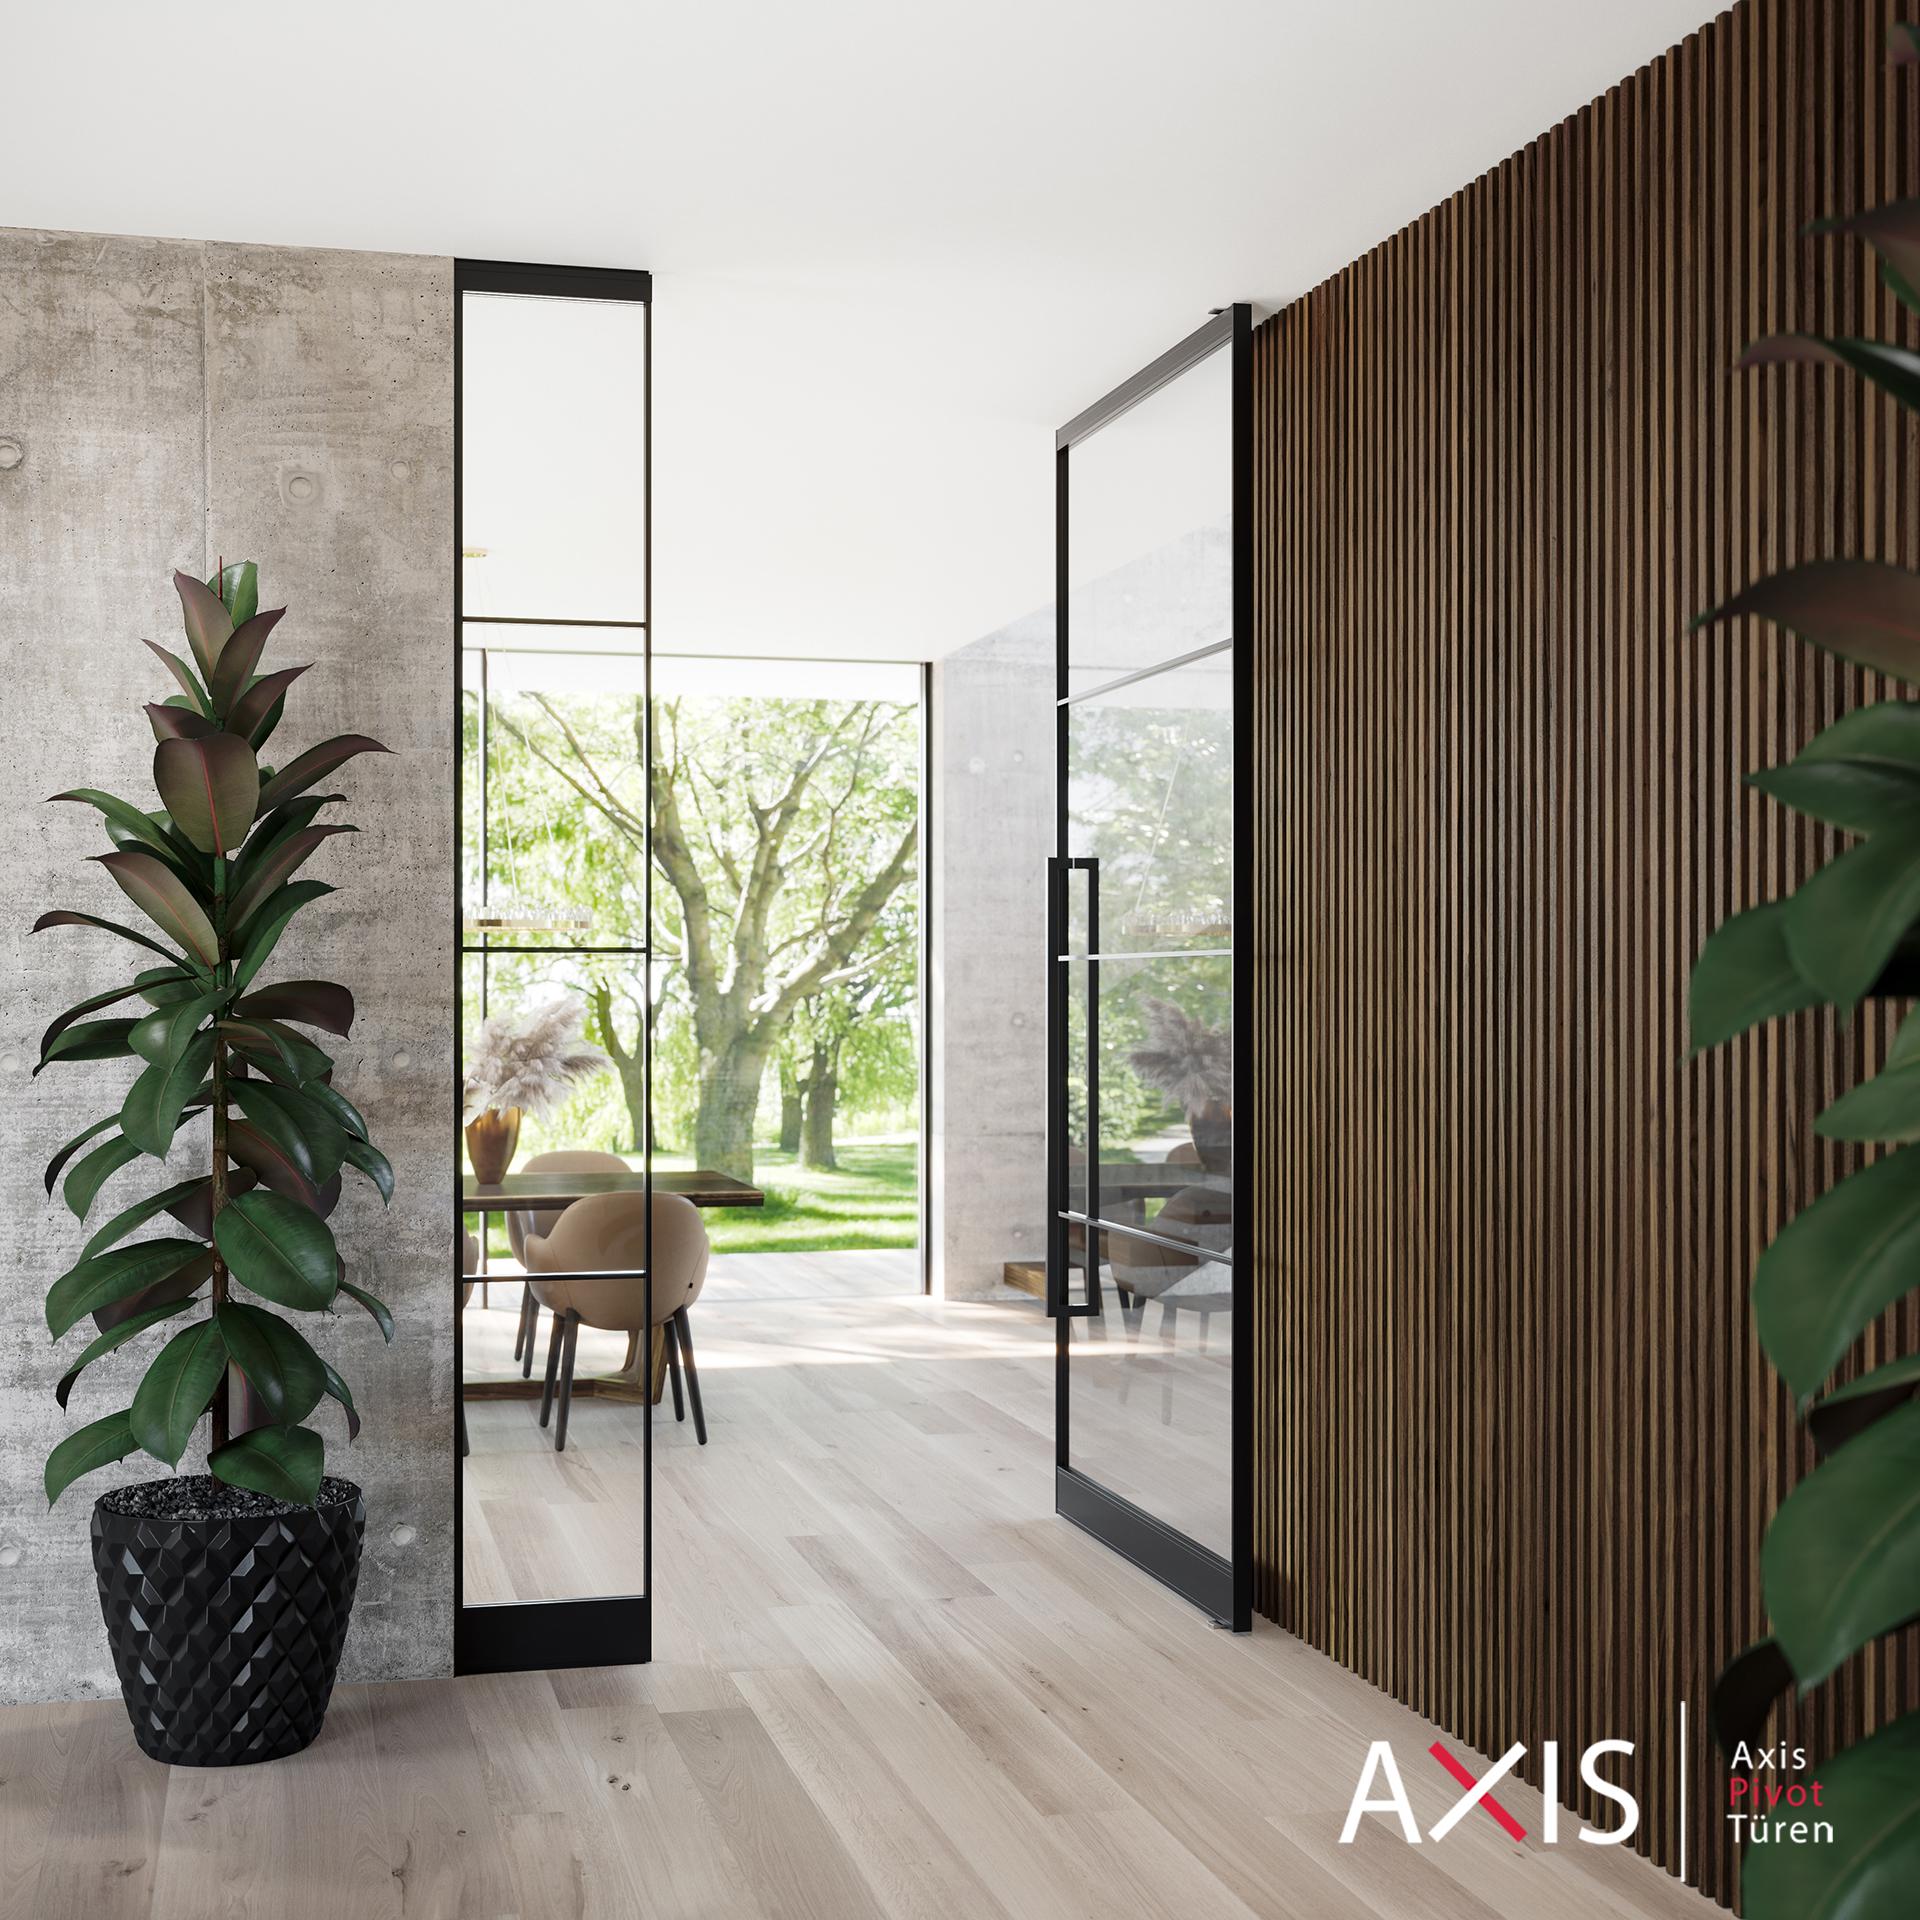 Axis Pivot Türen